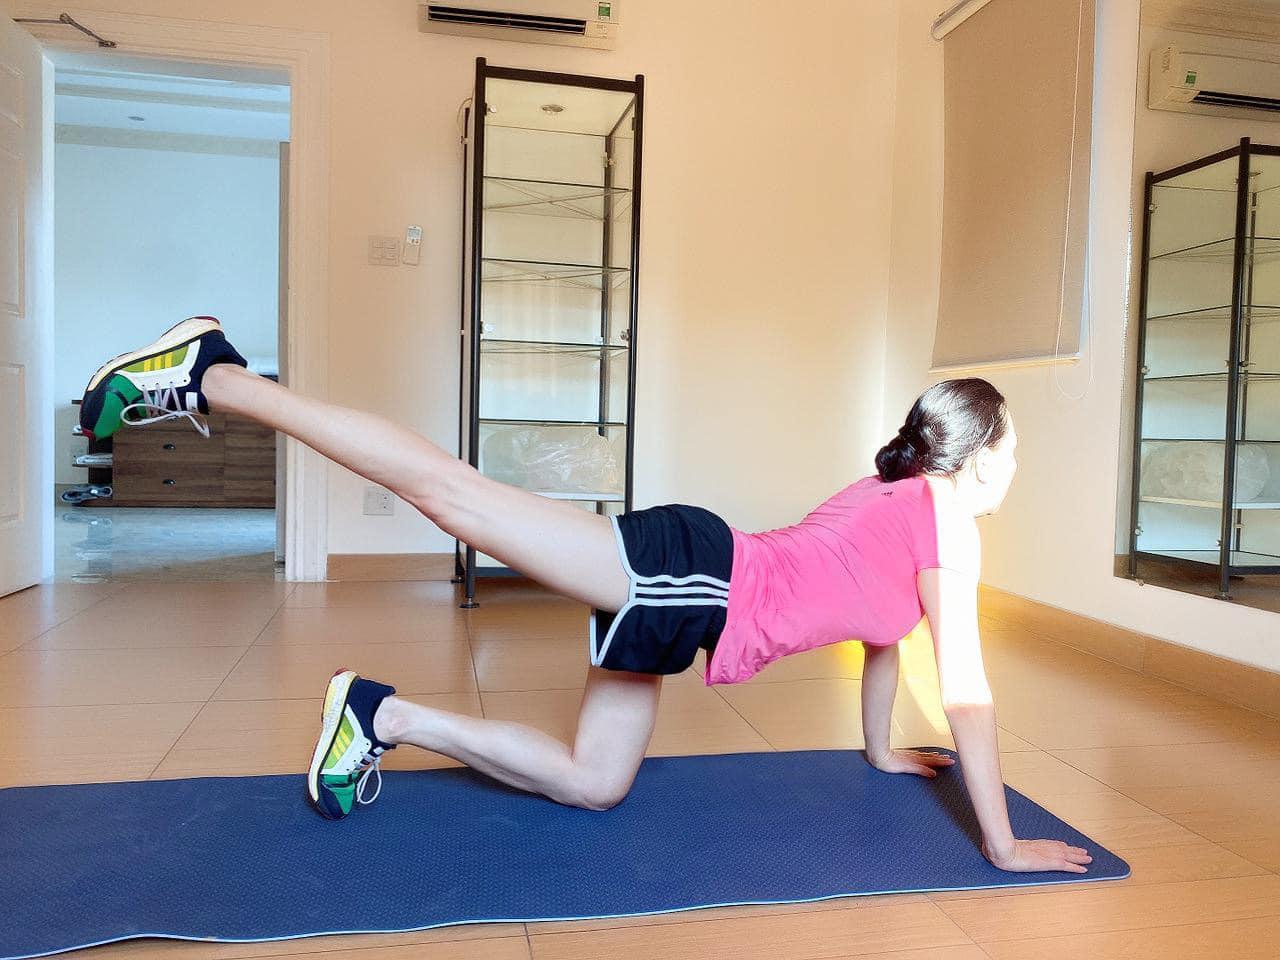 Phượng Chanel 40+ vẫn tự tin khoe chân dài nuột nà thẳng tắp: Thành quả của việc chăm chỉ tập yoga, chạy bộ 1 tiếng mỗi ngày - Ảnh 4.